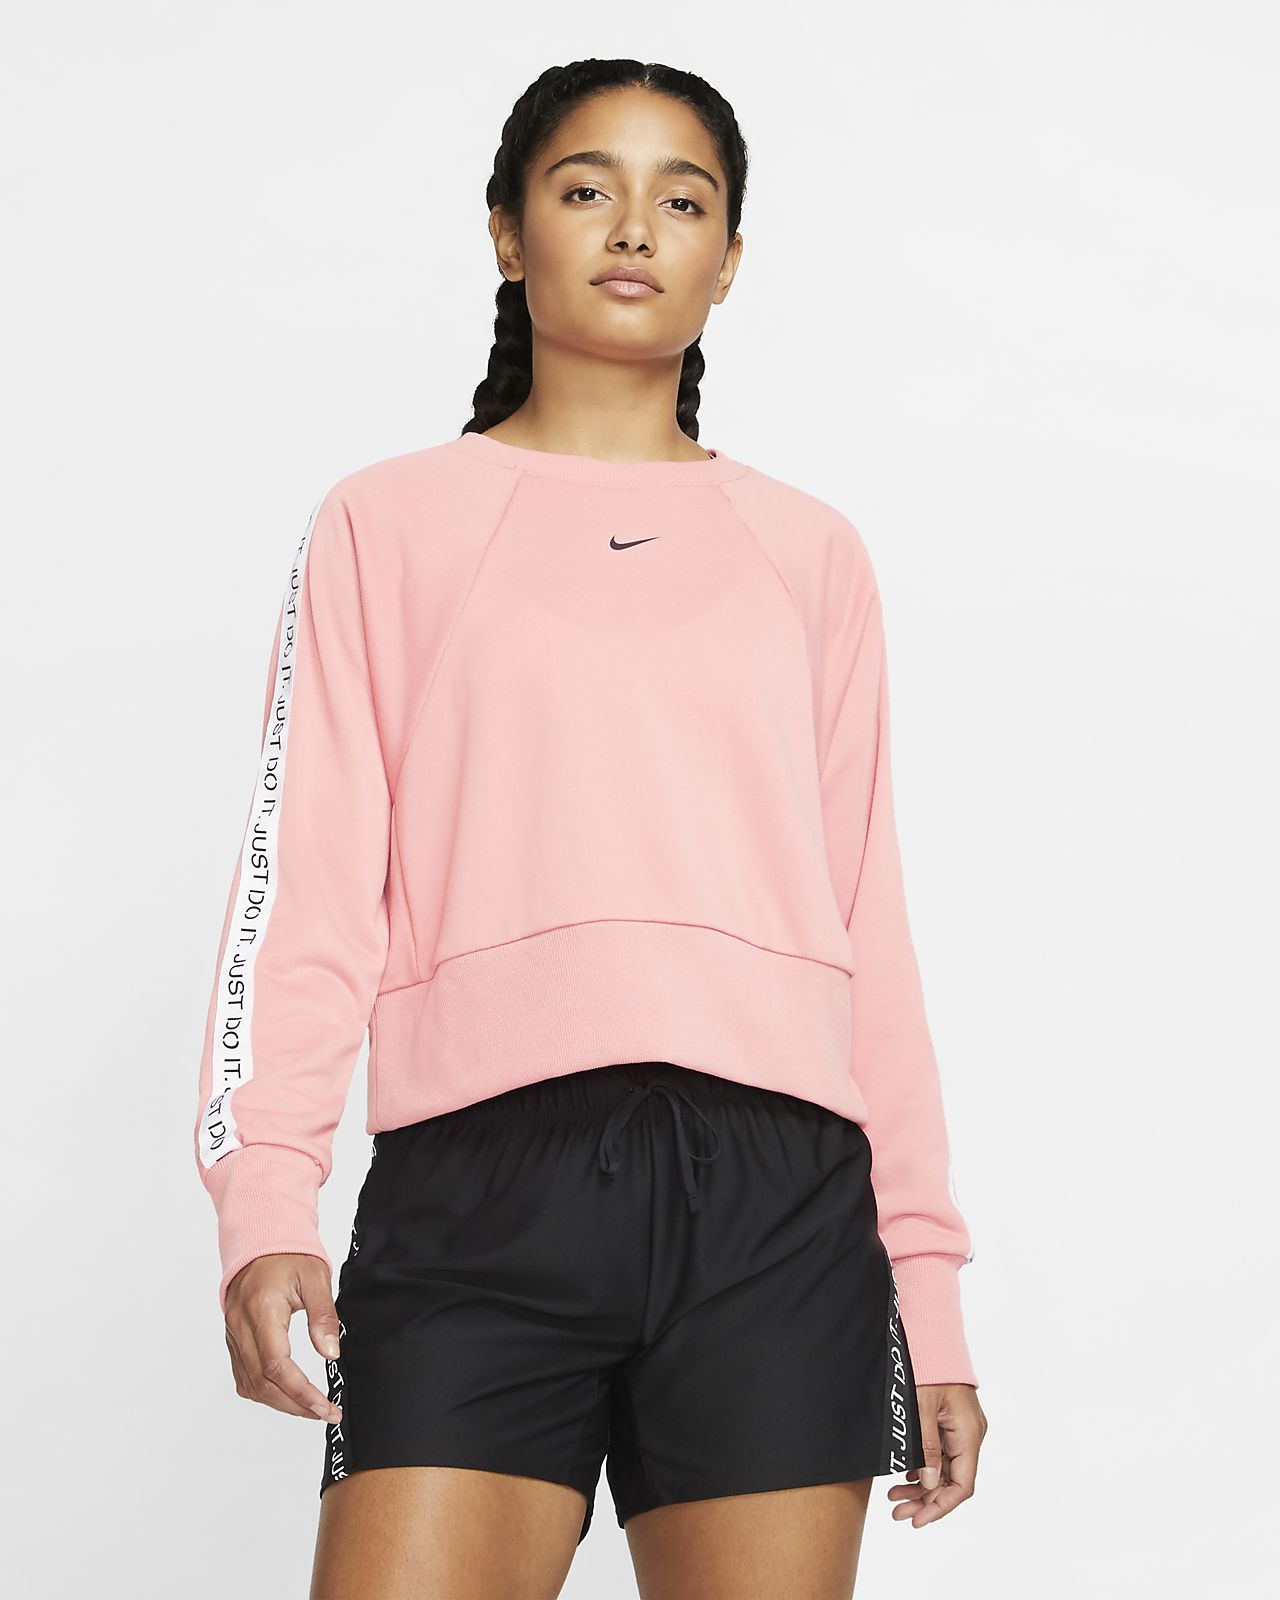 Nike Dri-FIT Get Fit JDI-Trainings-Rundhalsshirt aus Fleece für Damen